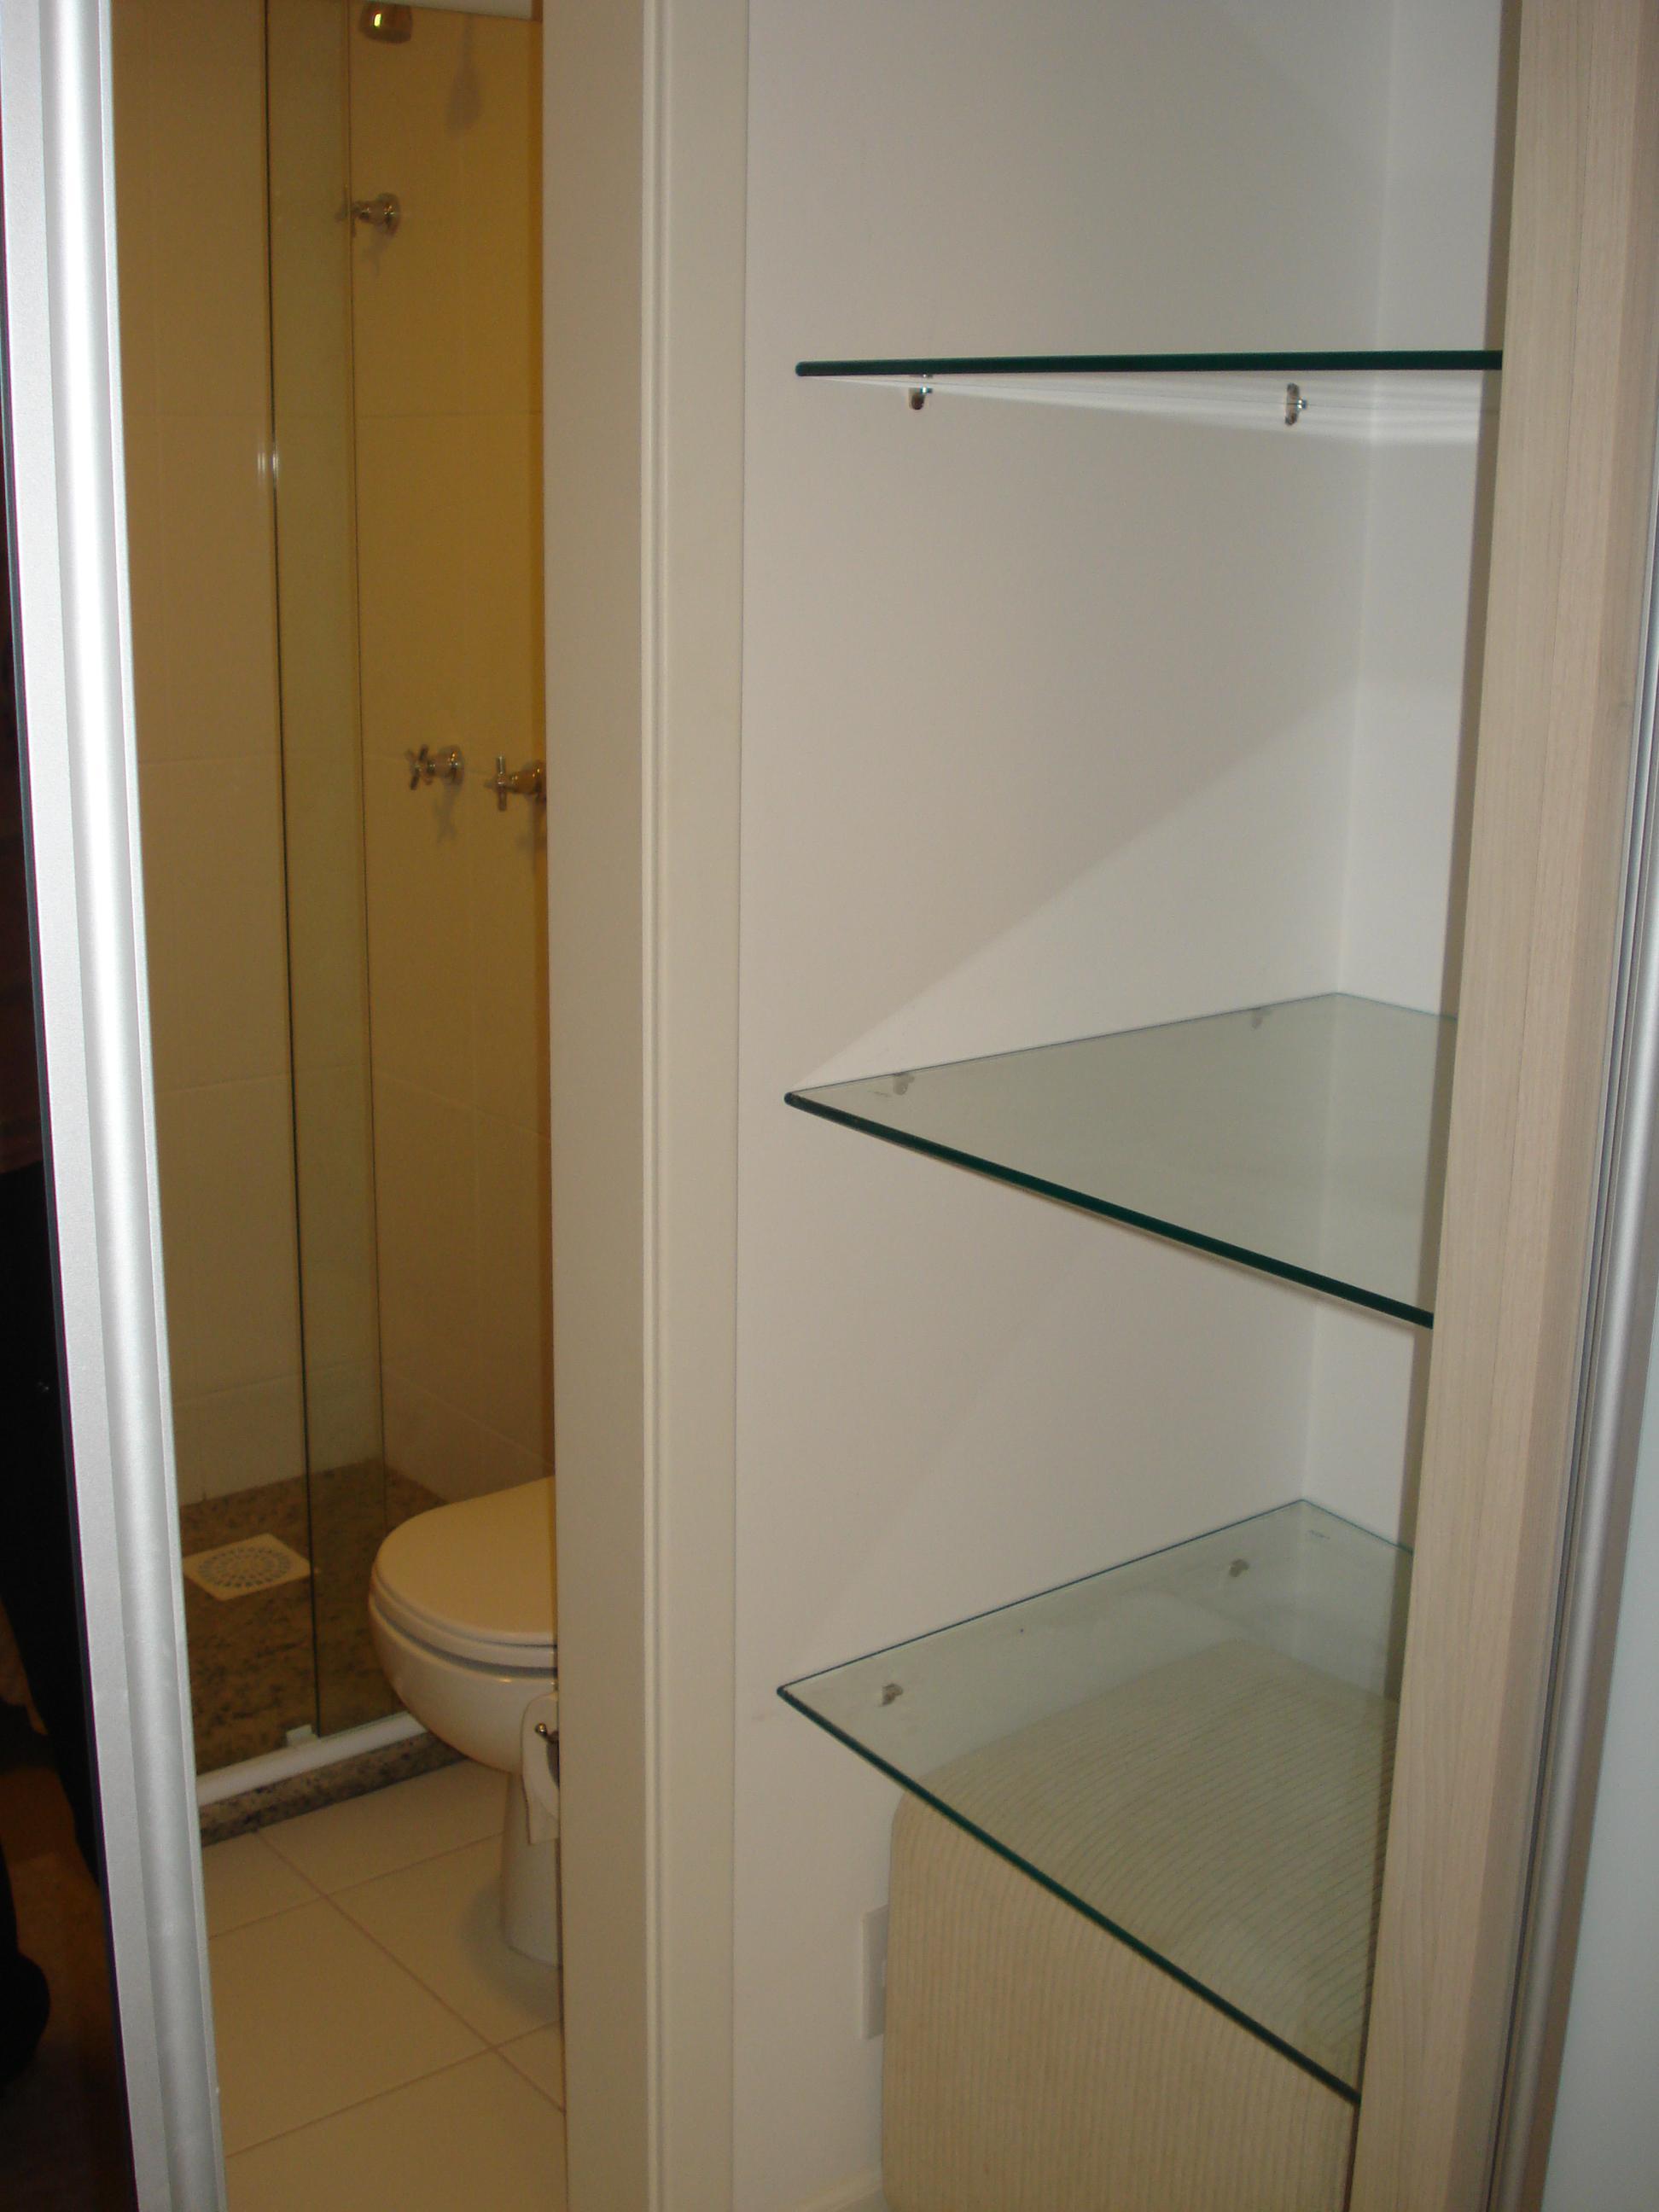 Entrada do banheiro dentro do guarda roupa  #674C24 1944x2592 Banheiro Com Duas Portas De Entrada